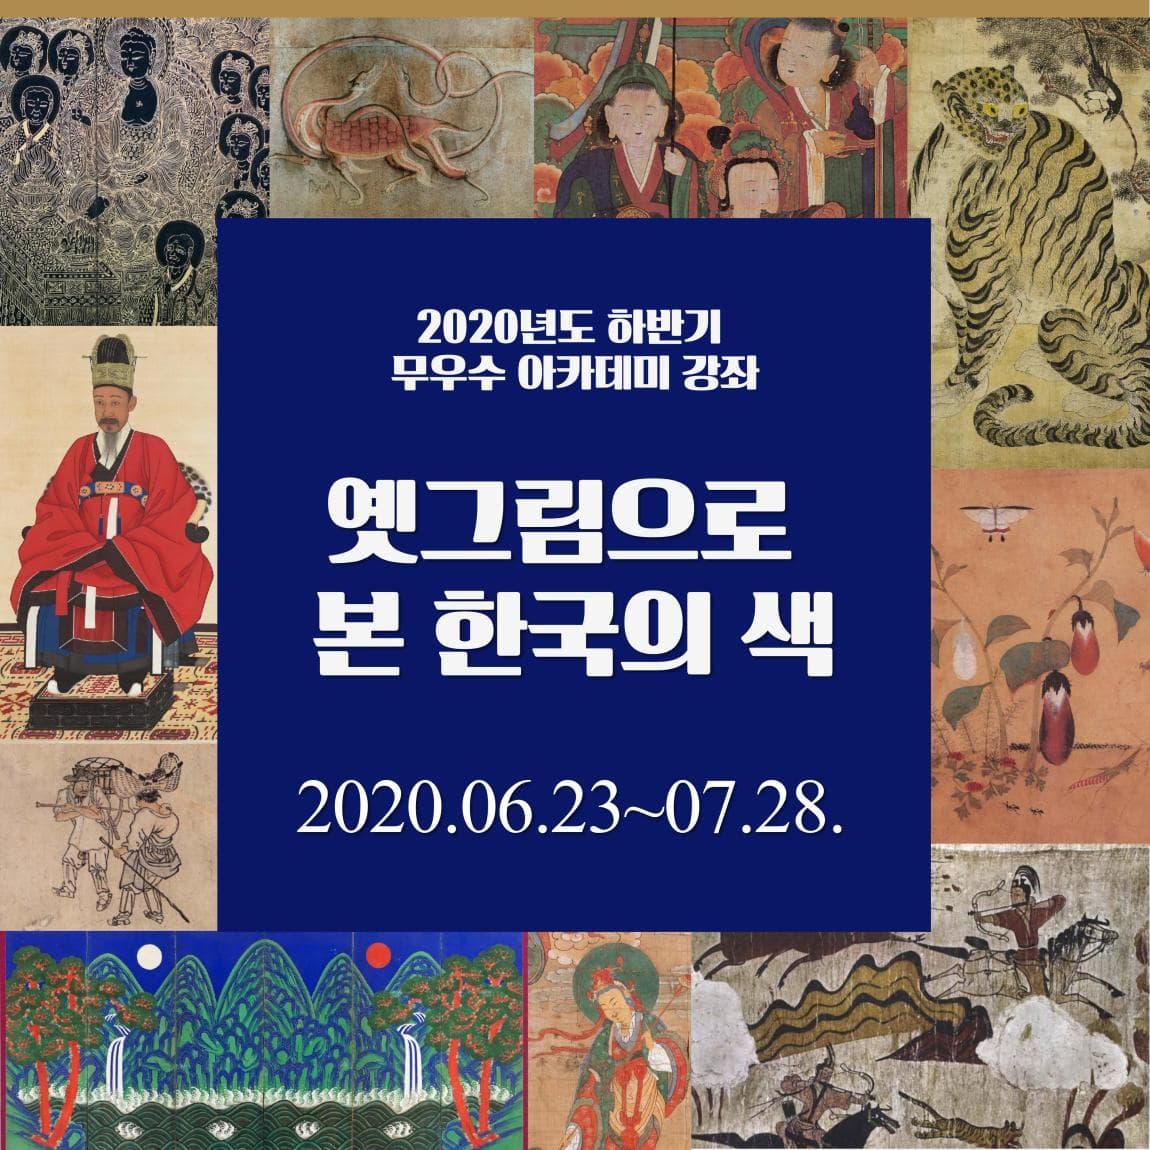 2020년도 하반기 무우수 아카데미 강좌 옛그림으로 본 한국의 색 2020년 6월 23일부터 7월 28일까지